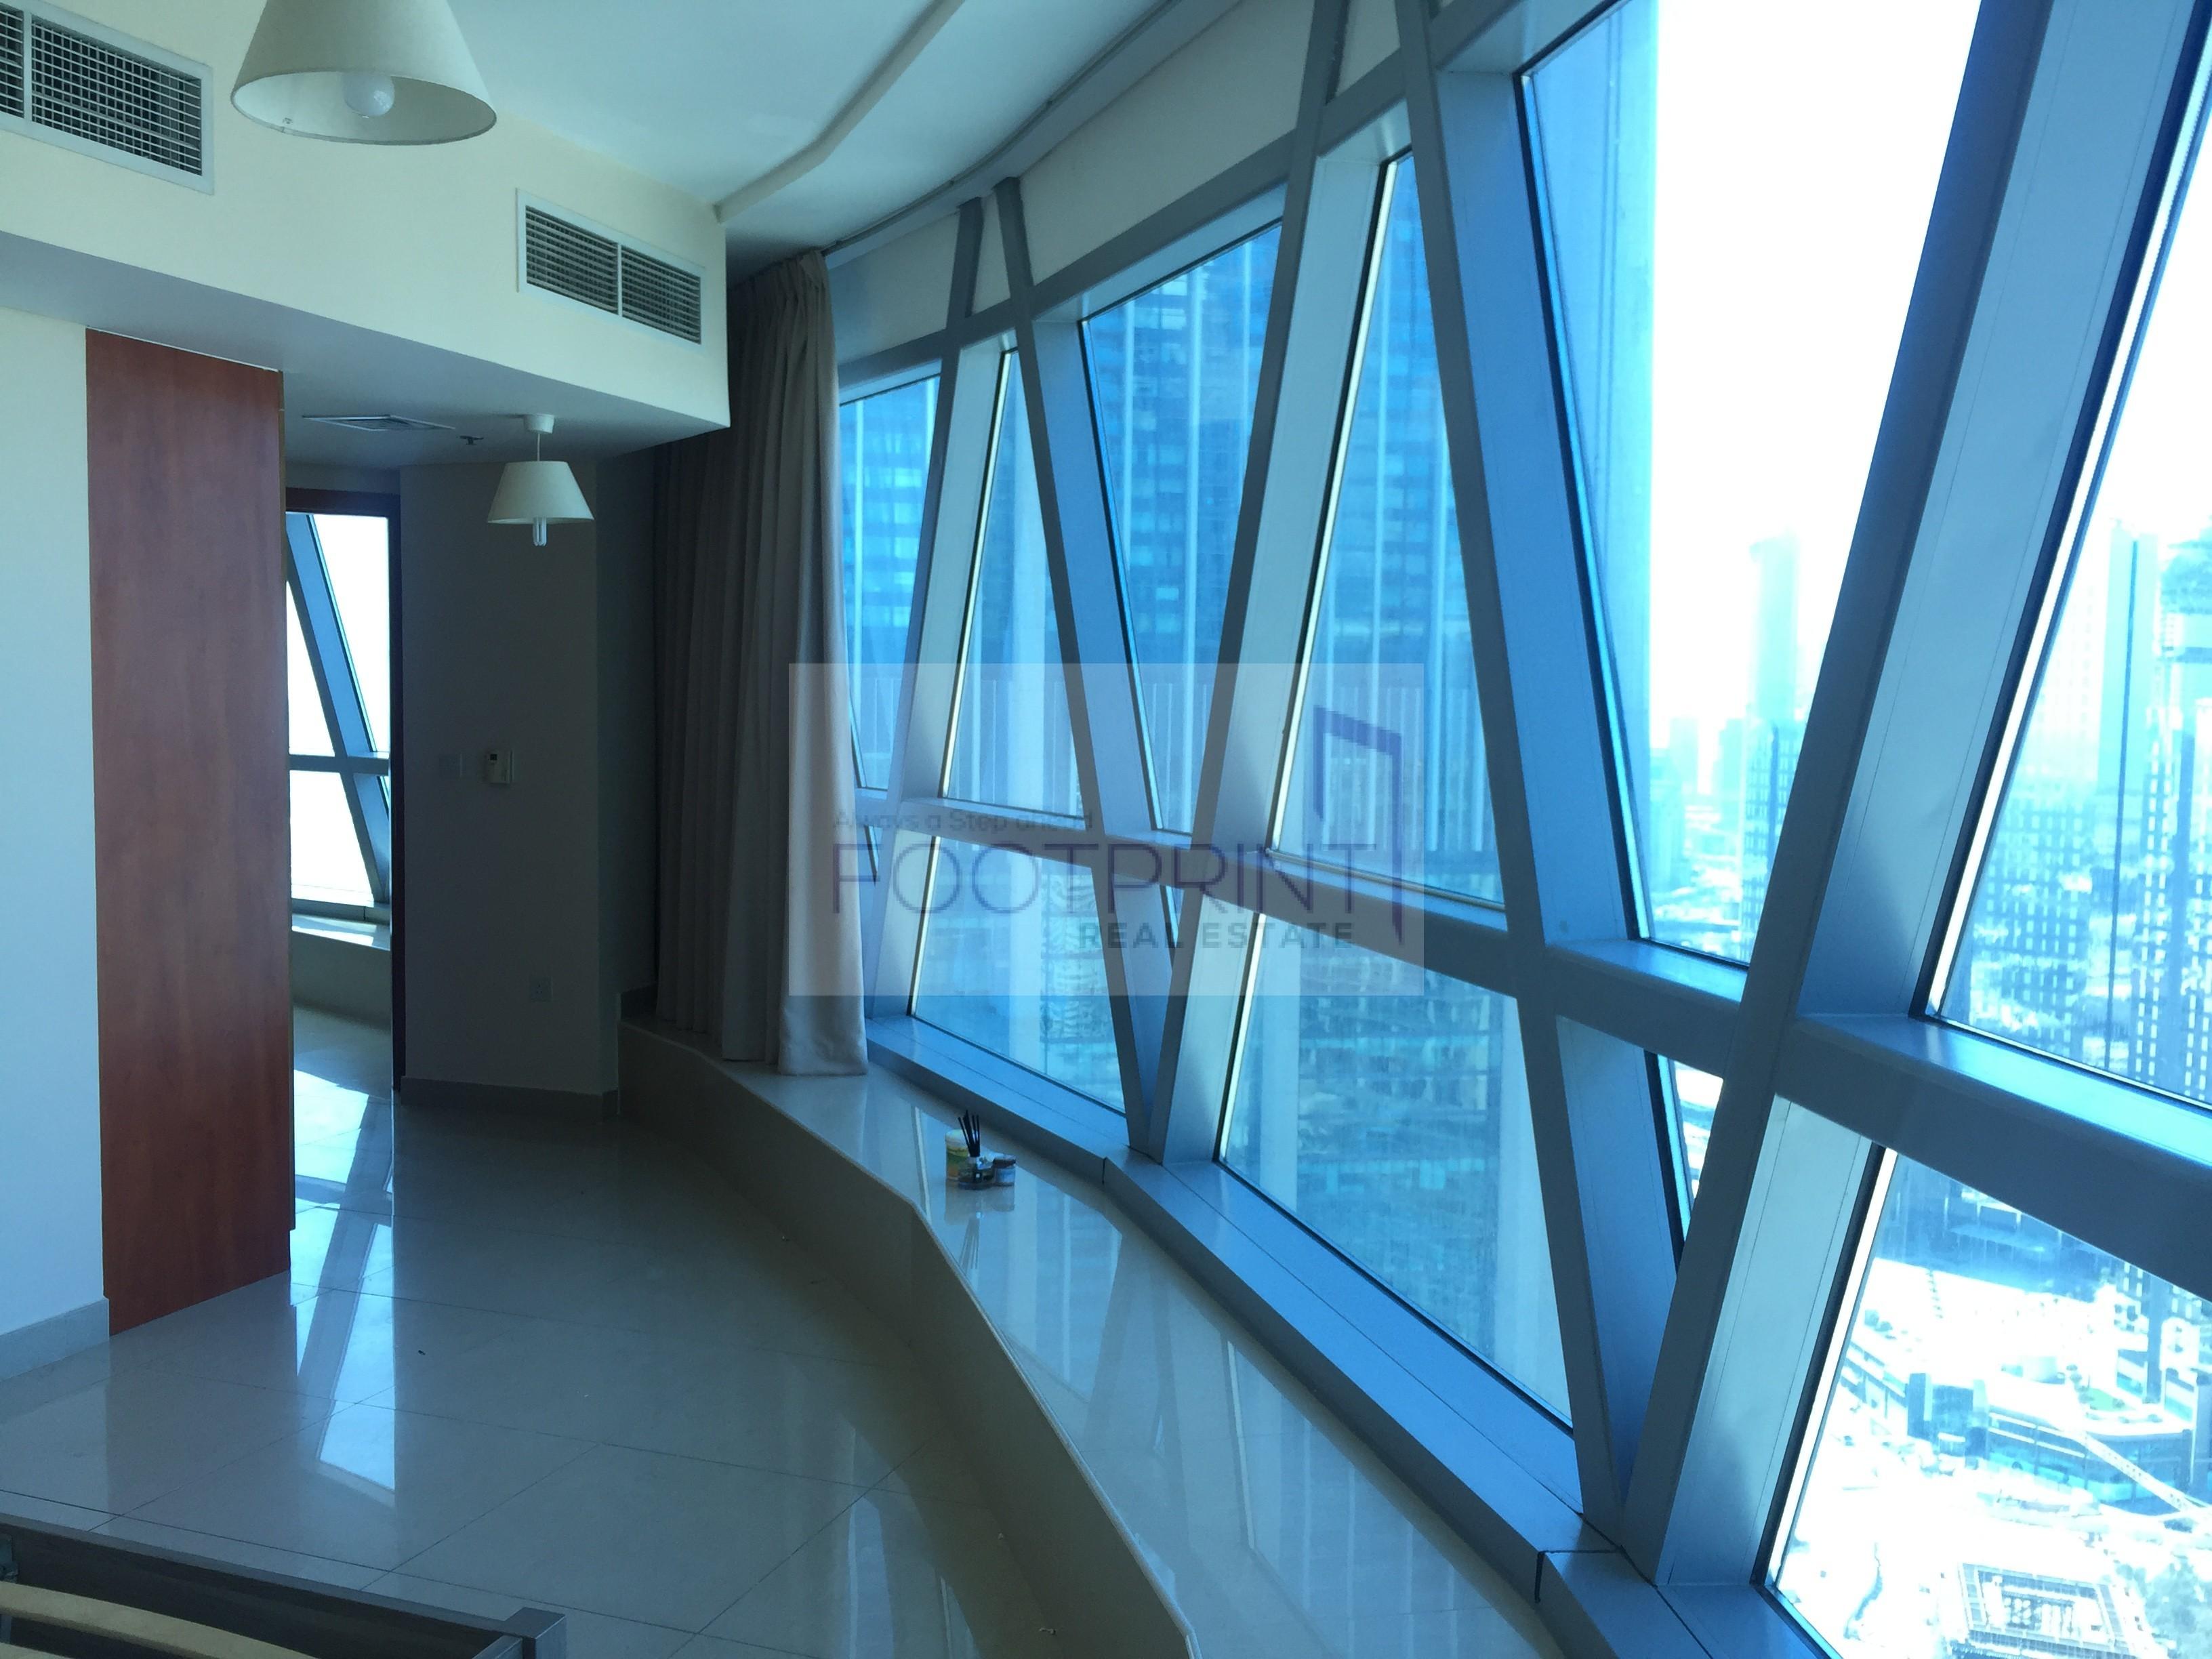 Spacious 1 BR on high floor| W/ Balcony!